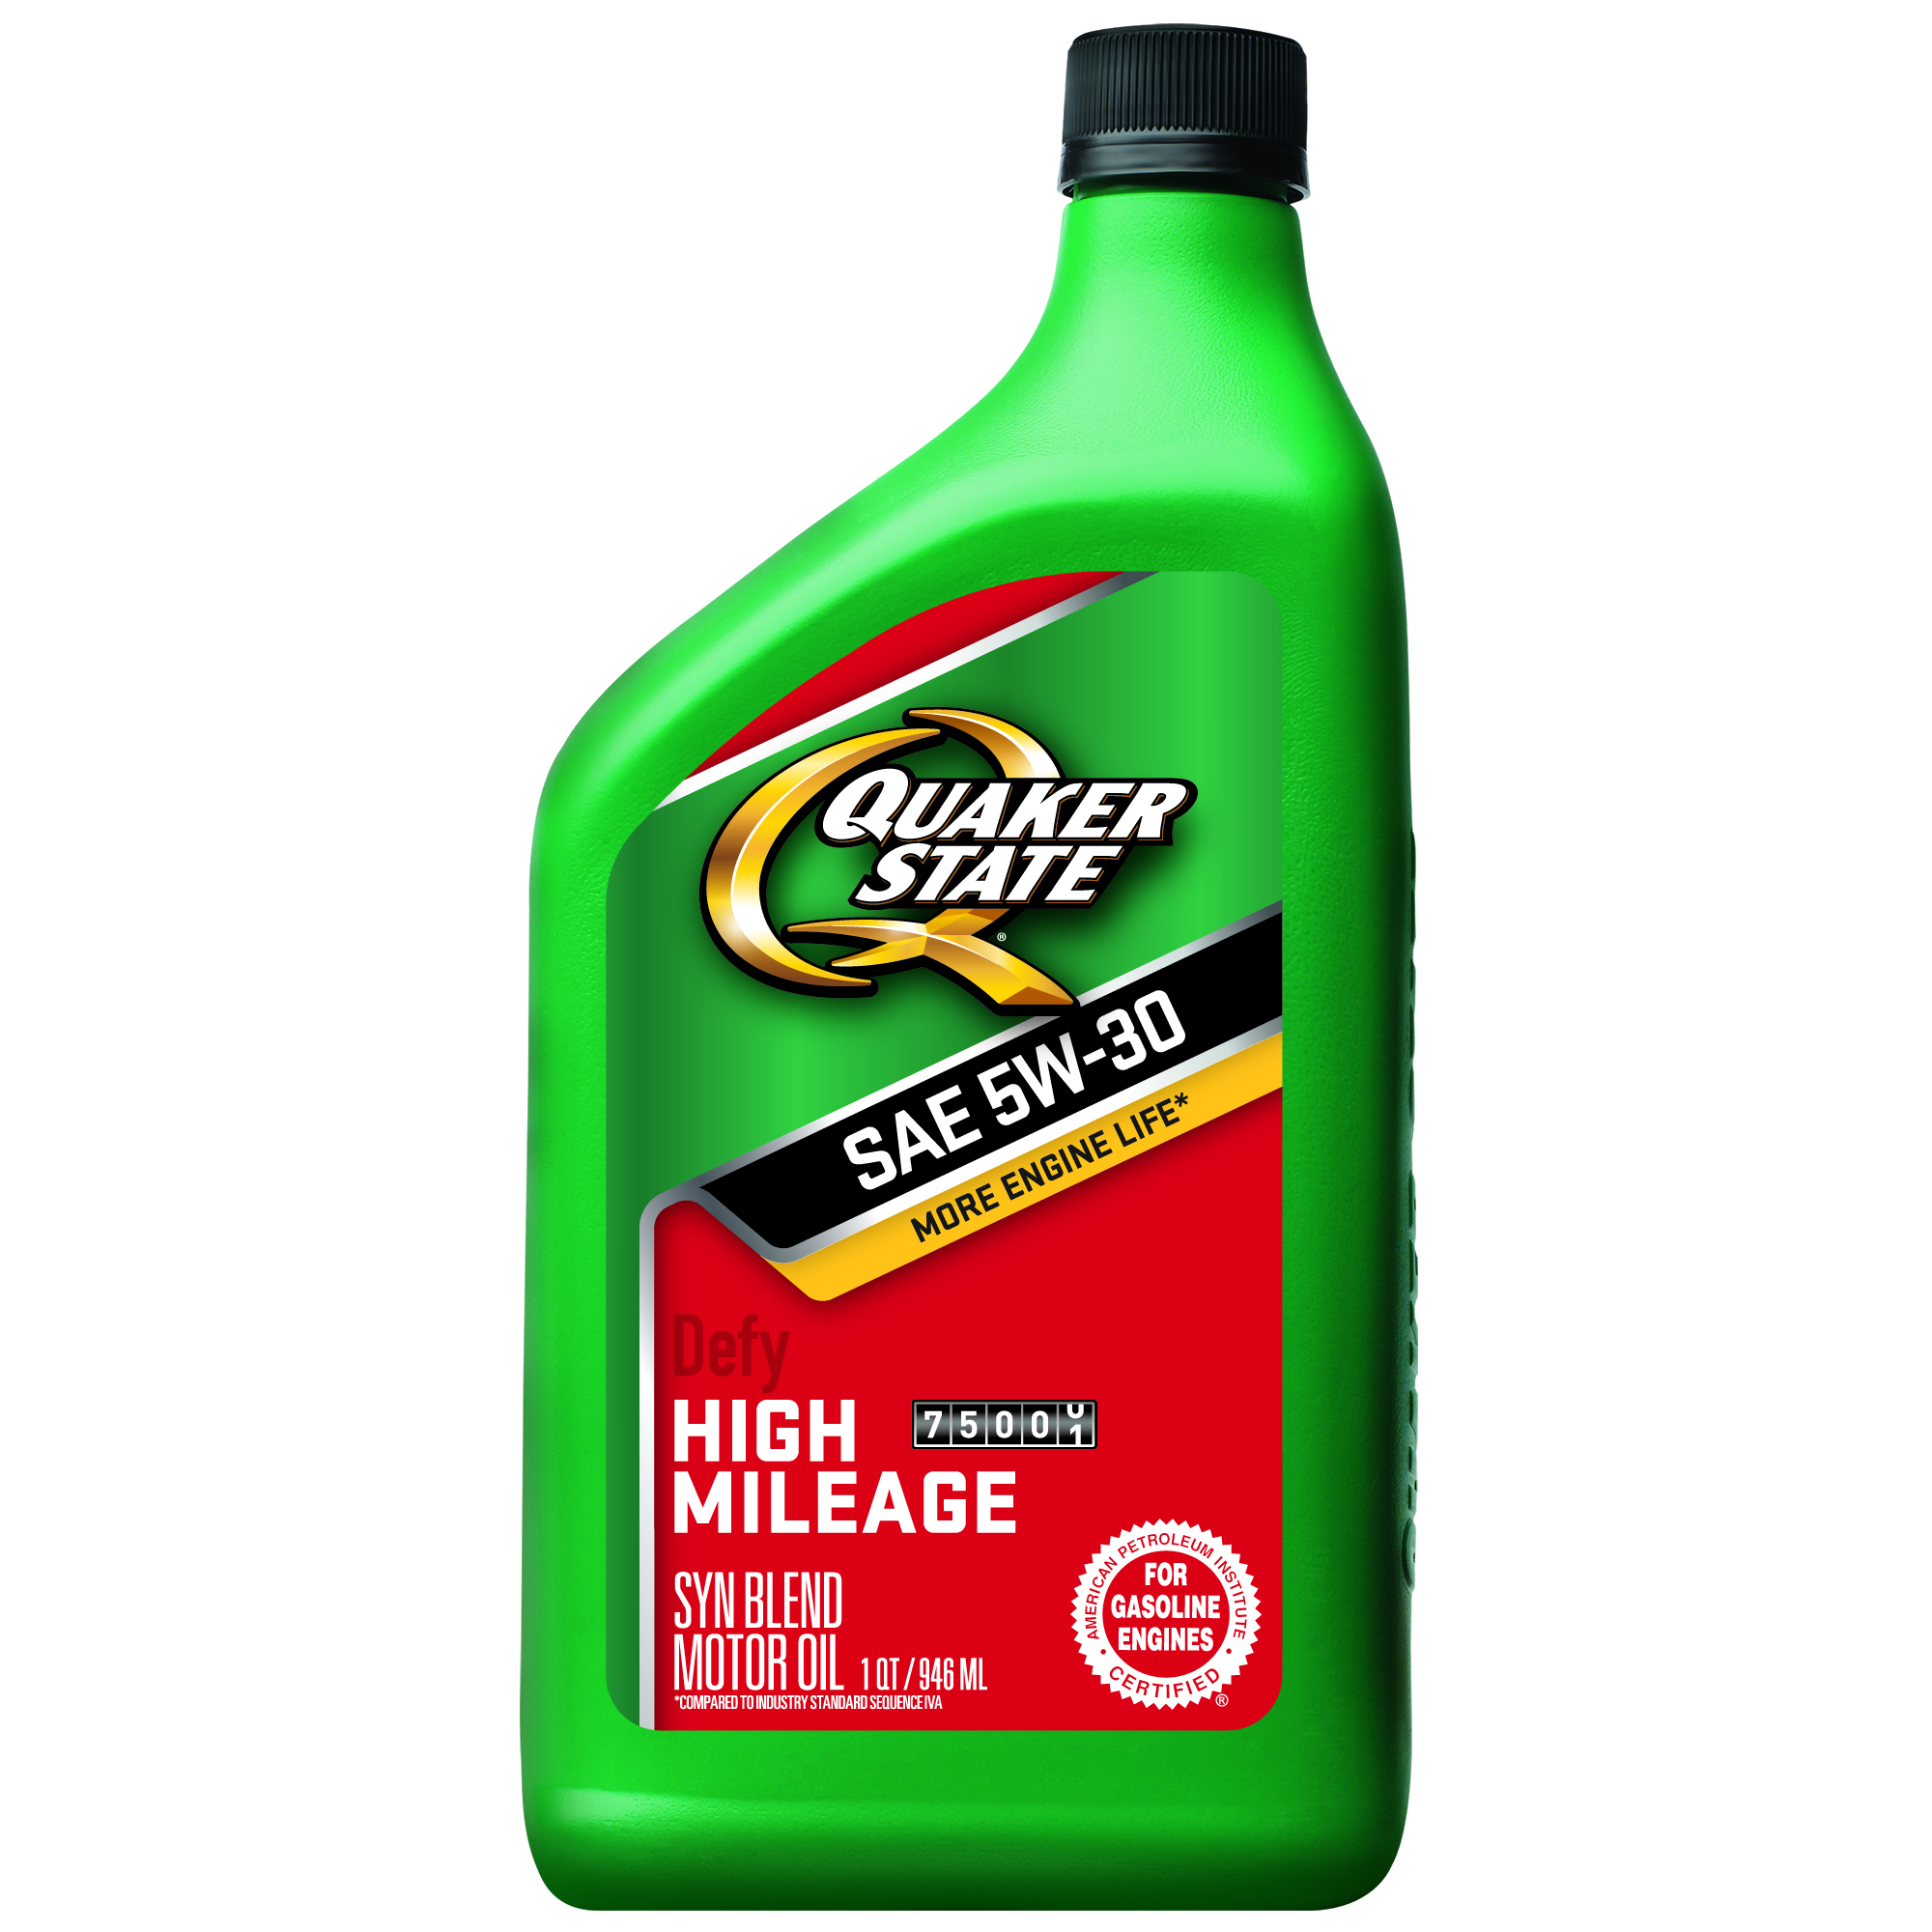 (6 Pack) Quaker State High Mileage 5W-30 Motor Oil, 1 qt